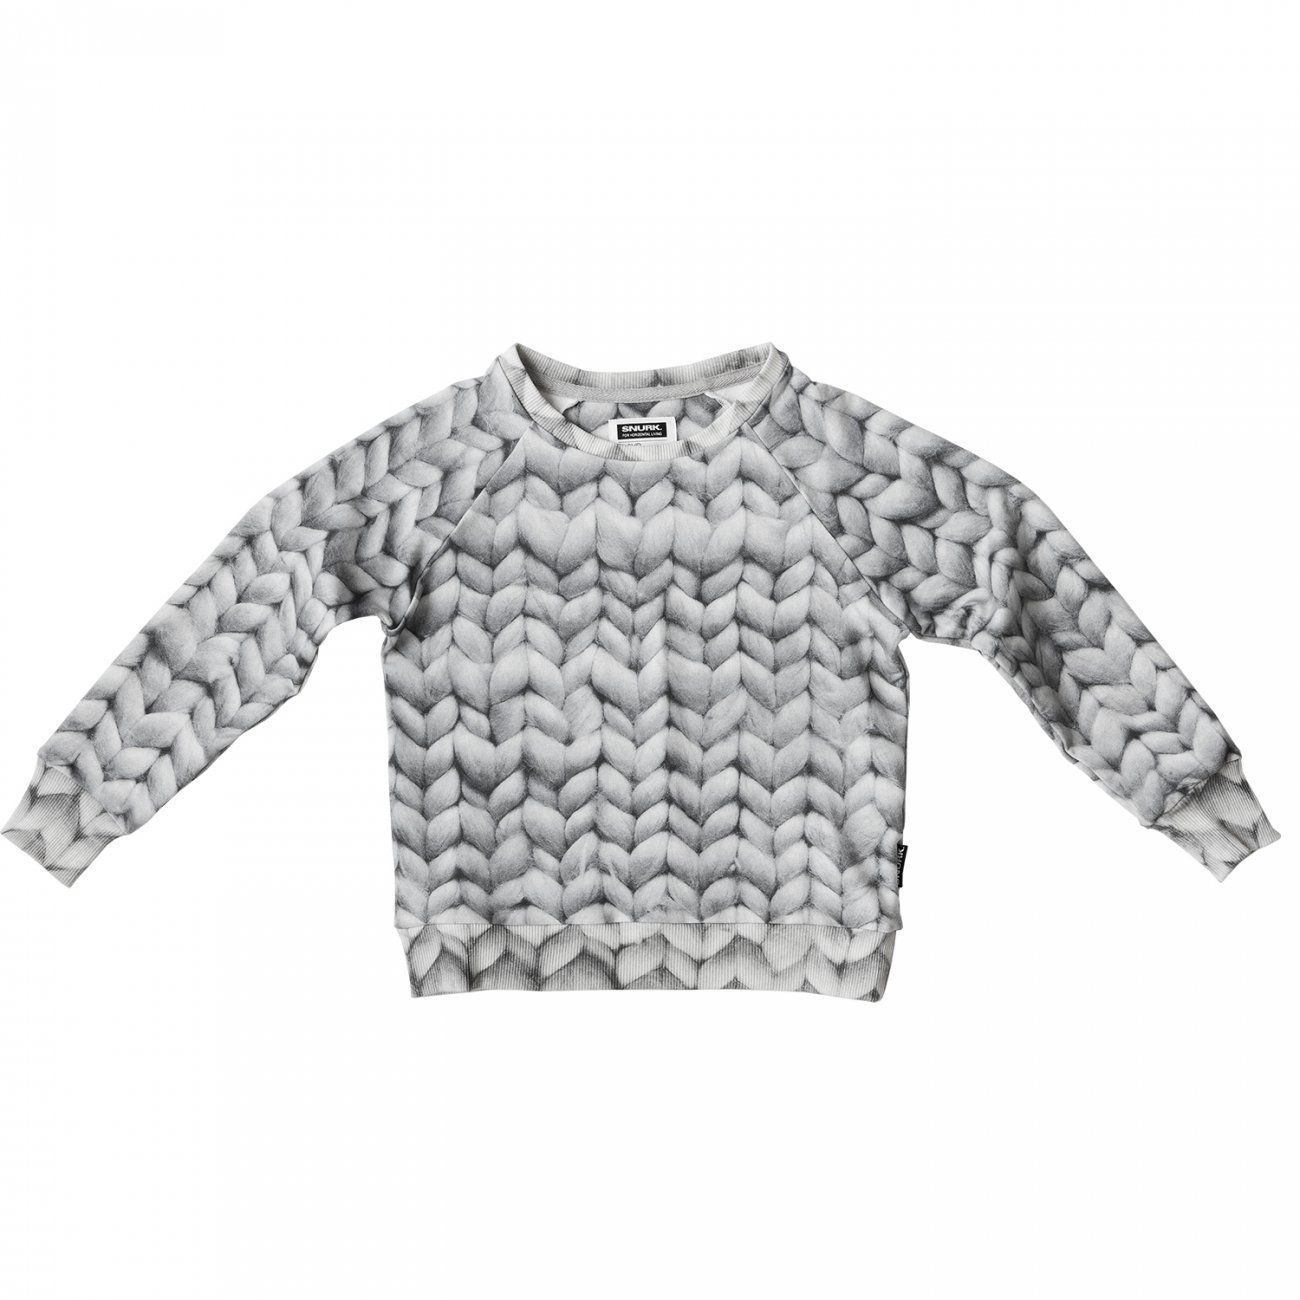 Twirre Sweater Jongens - Snurk Beddengoed